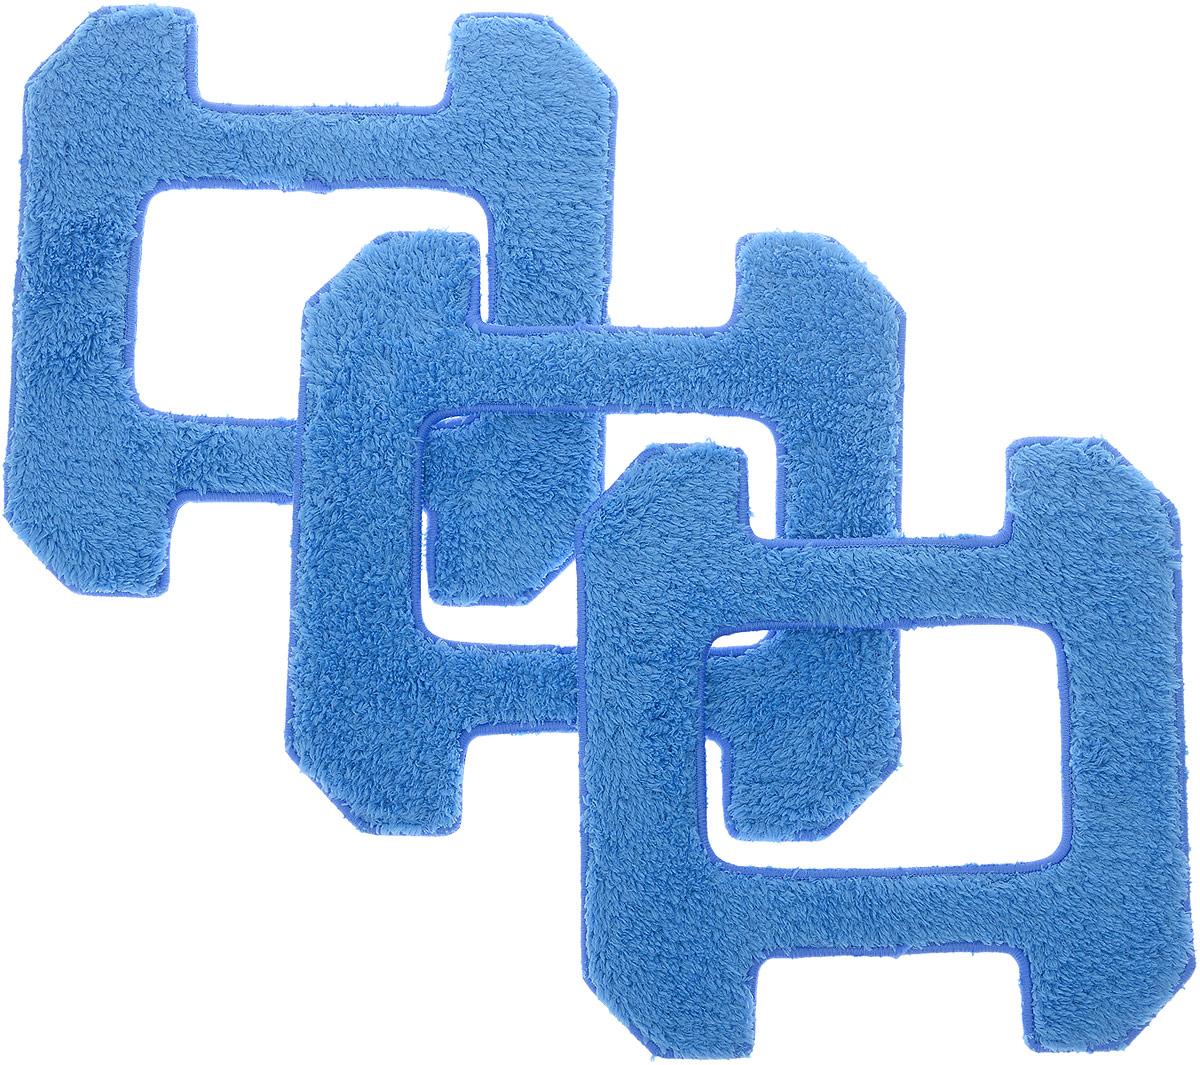 Hobot 268, Blue чистящие салфетки для сухой уборки, 3 шт салфетки для уборки vetta салфетка из микрофибры длинный ворс 30х40см